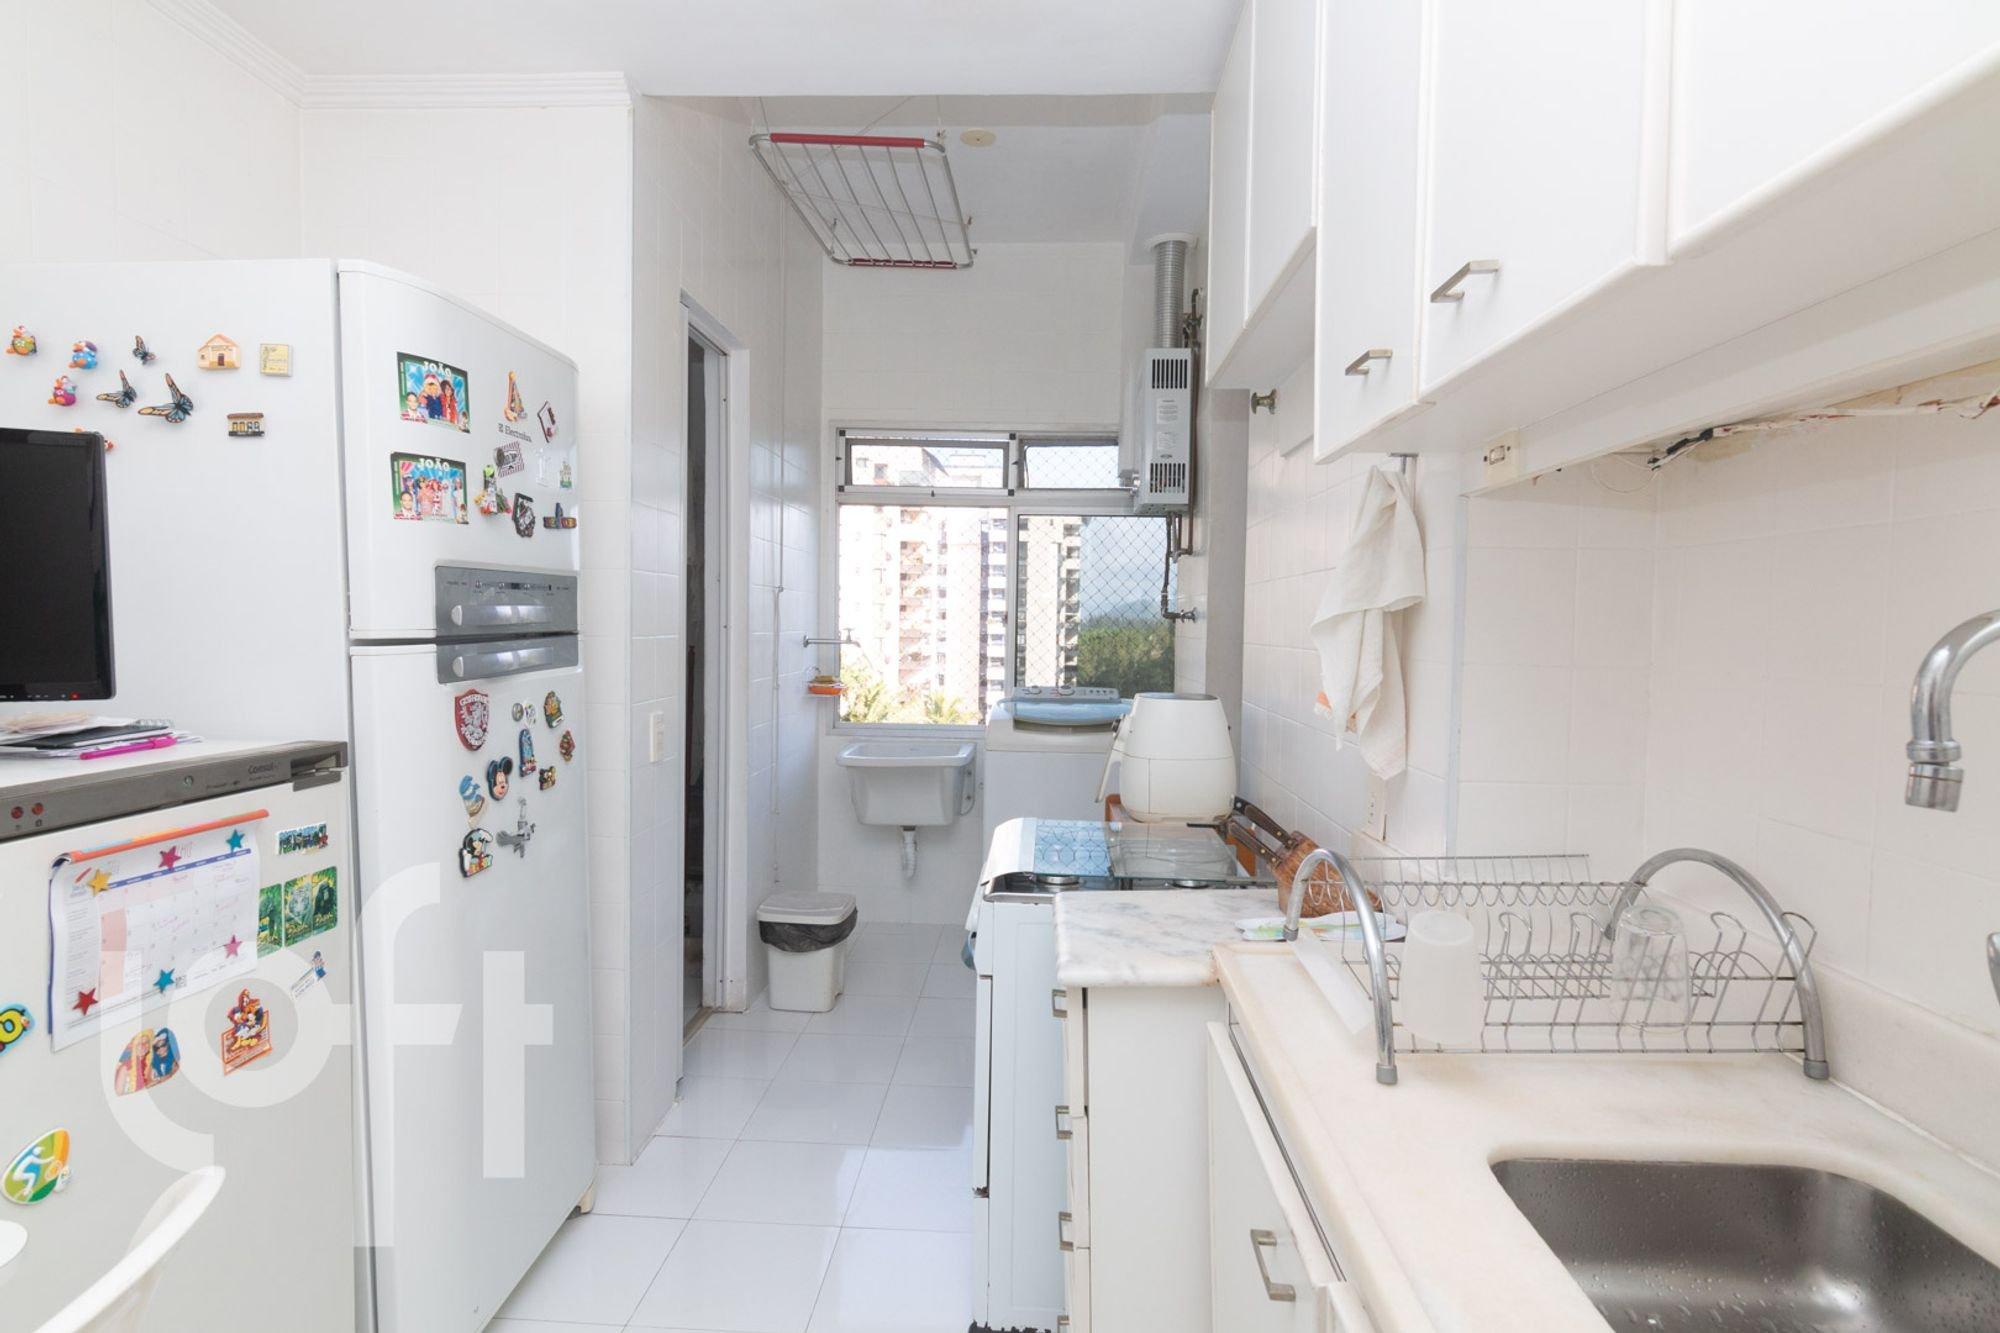 Foto de Cozinha com geladeira, televisão, pia